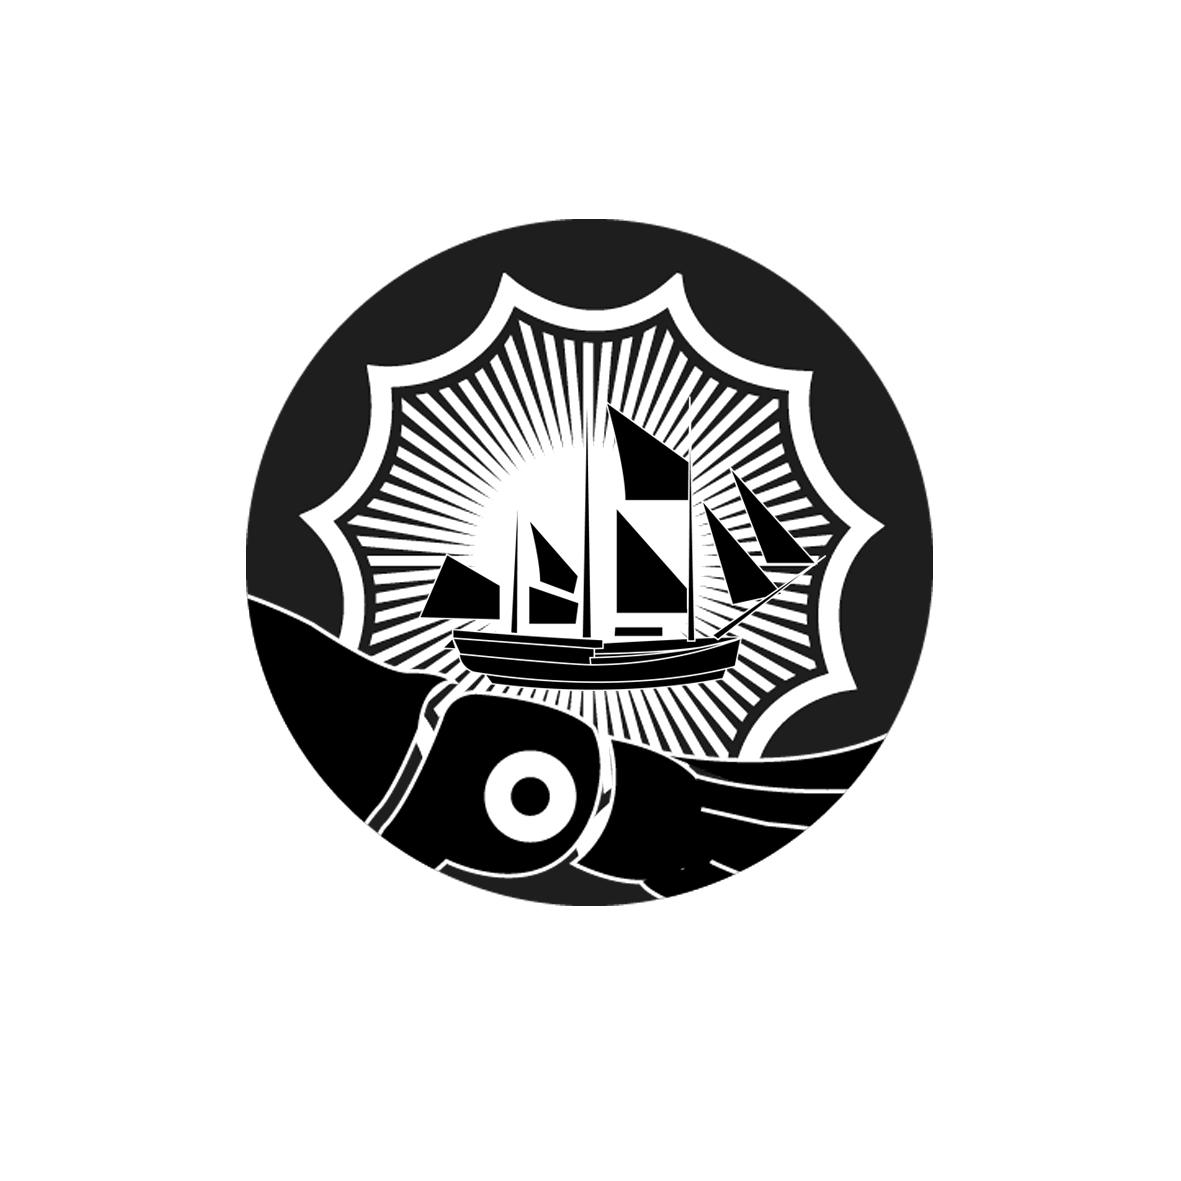 Logo Design by David Jimenez Minero - Entry No. 35 in the Logo Design Contest Sea Monster Attacks Ship.